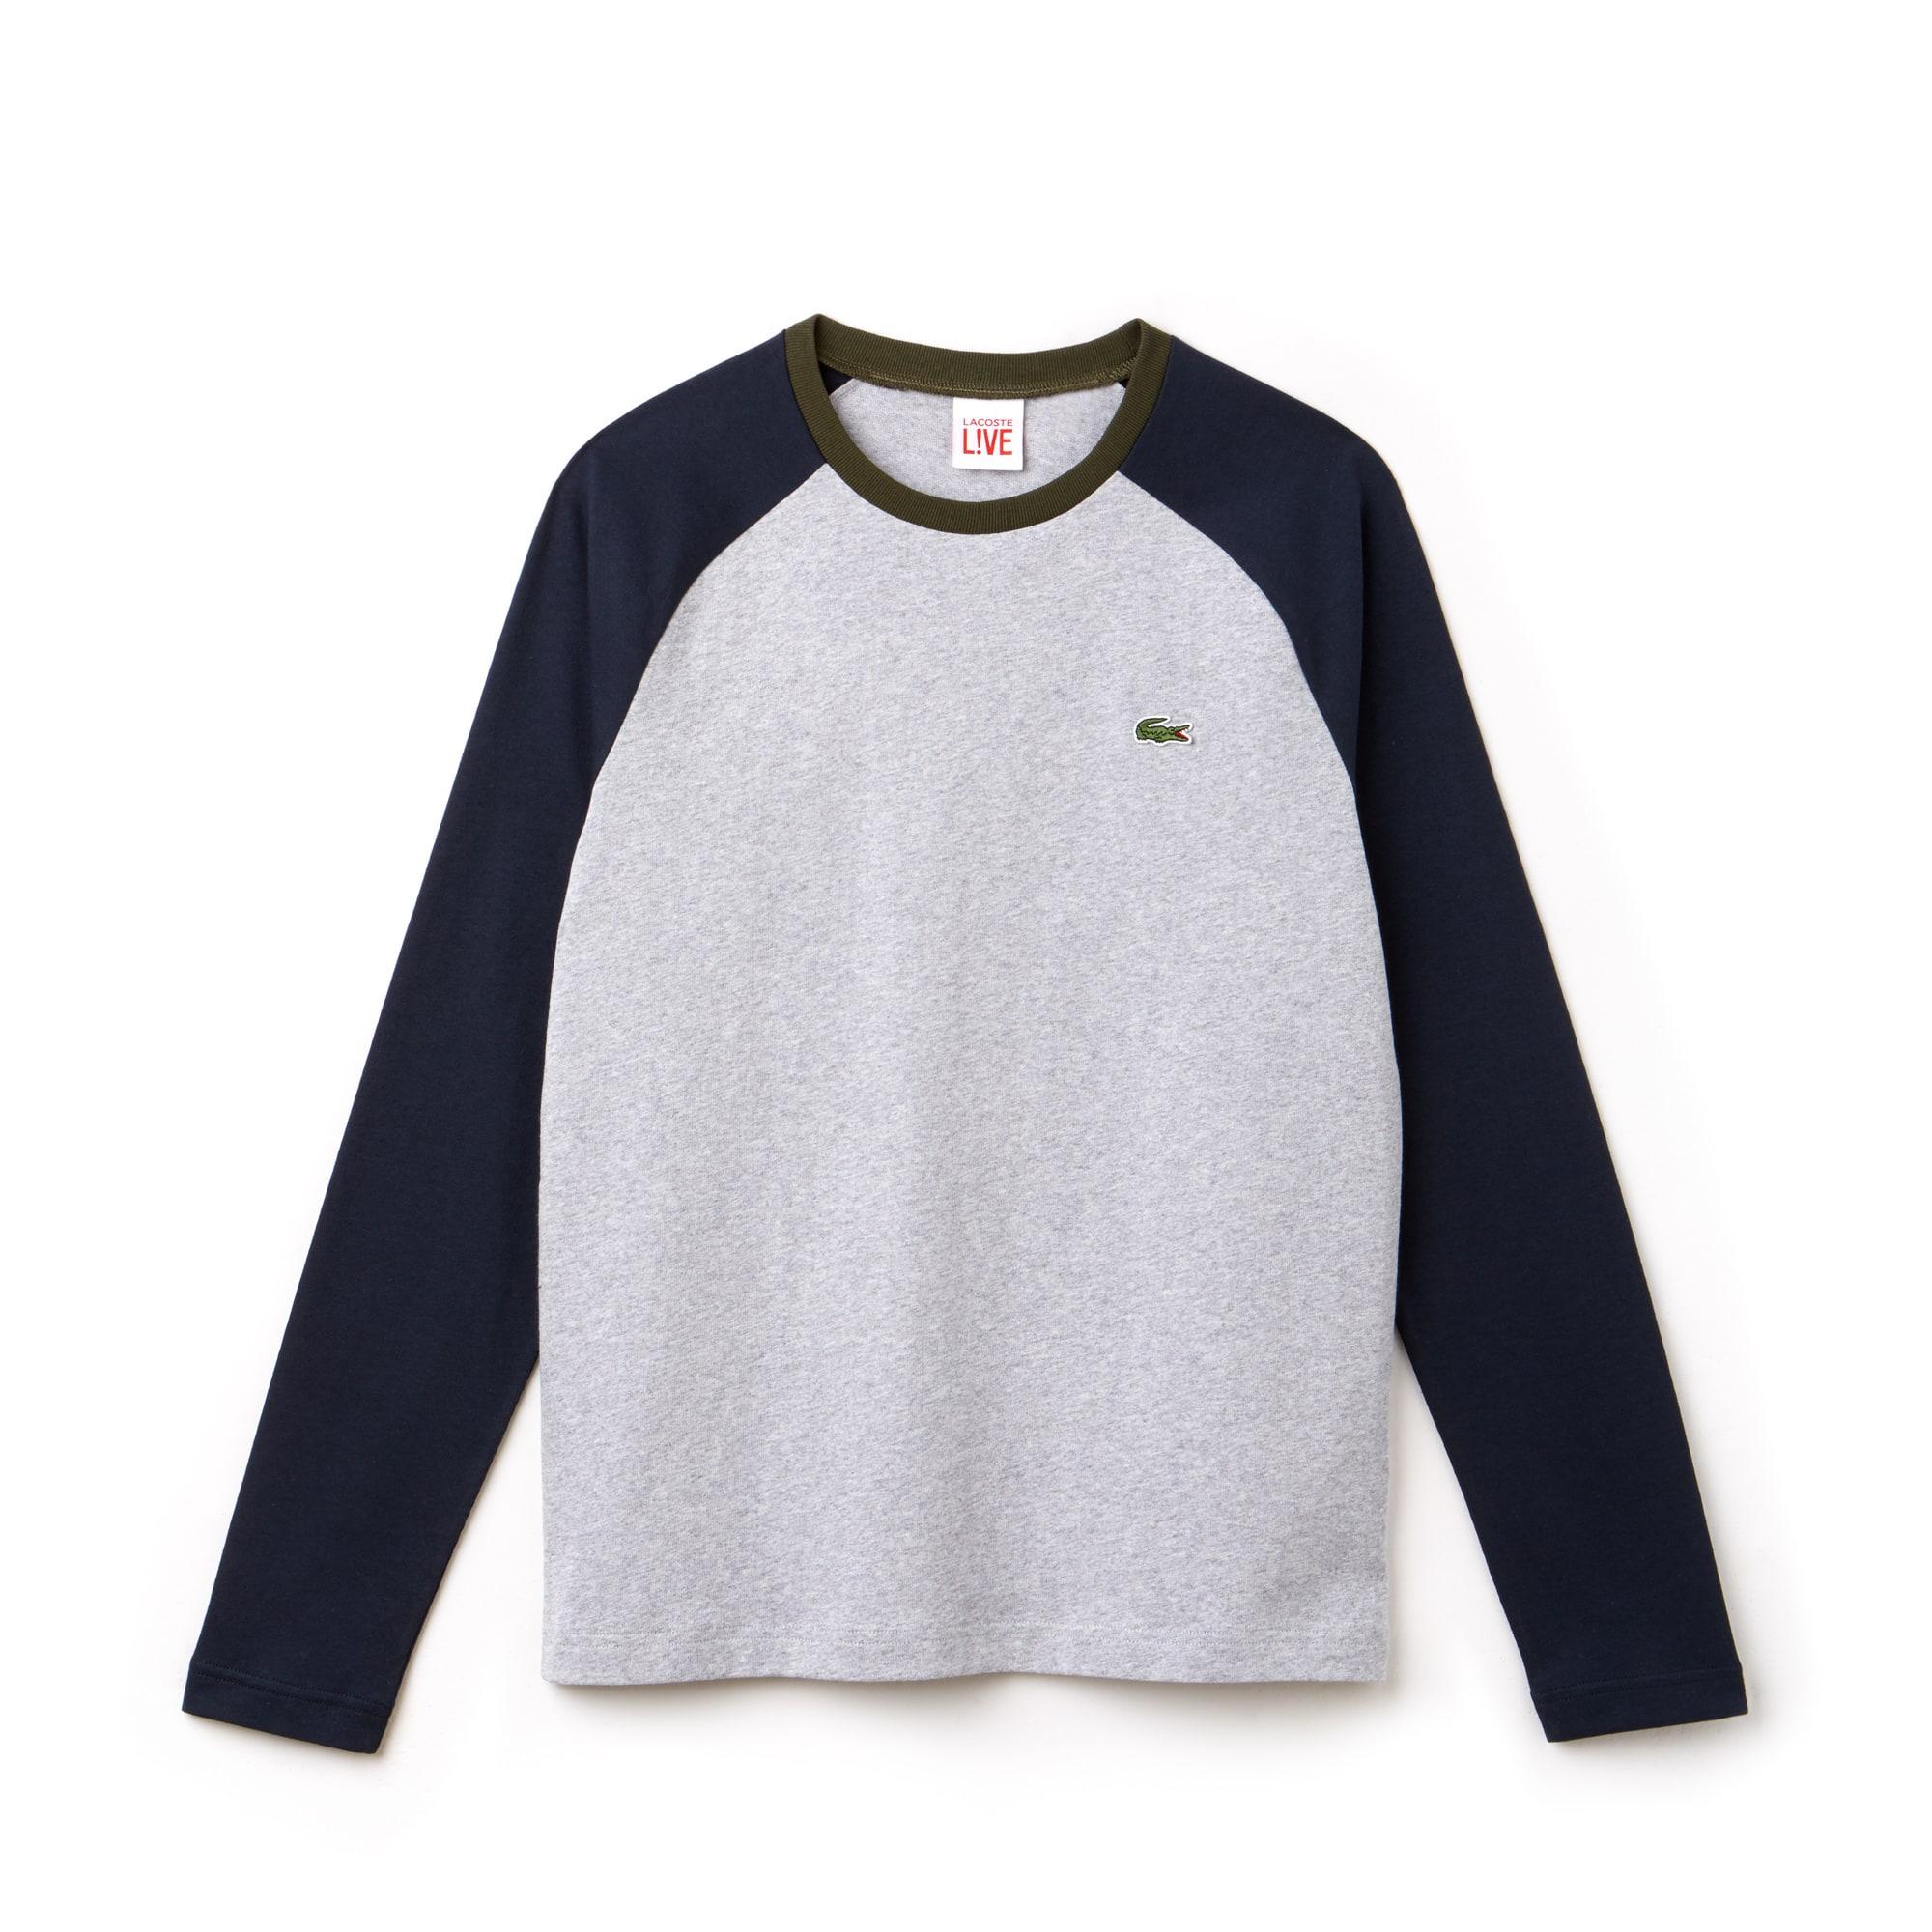 T-shirt à manches longues Lacoste LIVE en jersey bicolore